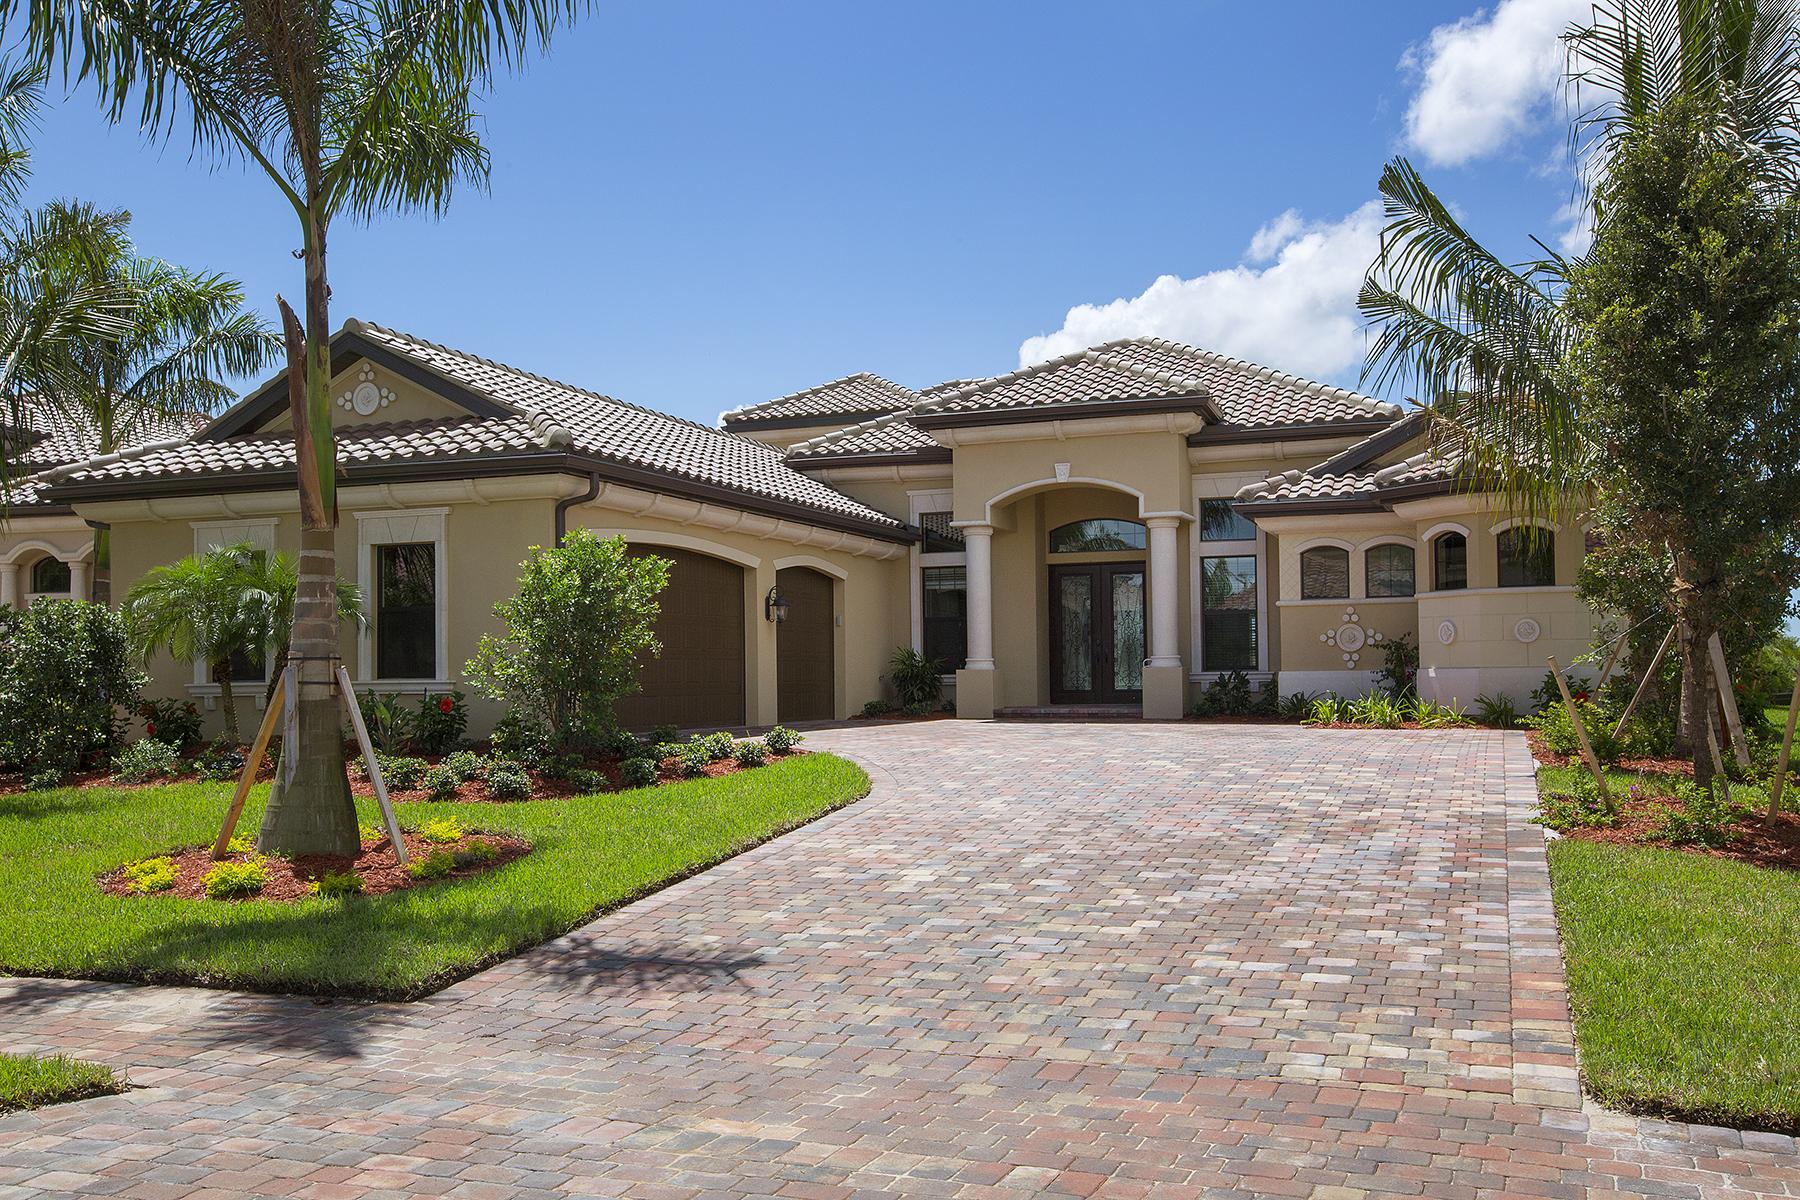 Maison unifamiliale pour l Vente à FIDDLER'S CREEK - RUNAWAY BAY 3278 Runaway Ln Naples, Florida, 34114 États-Unis